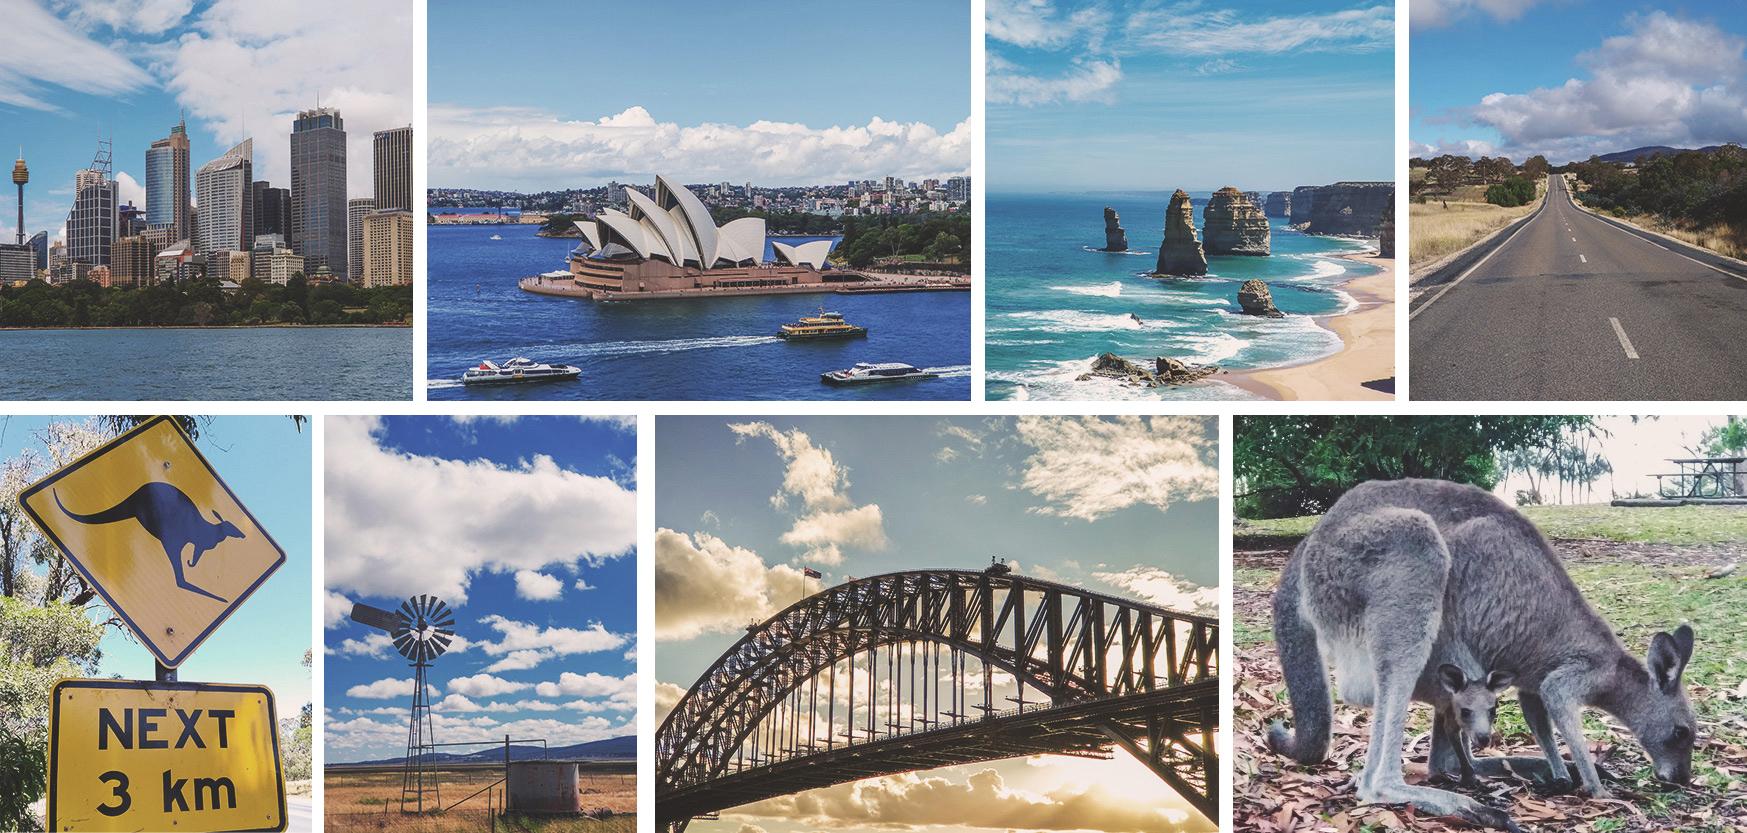 AUSTRALIA i piękne zdjęcia zrobione smartfonem stachowiak